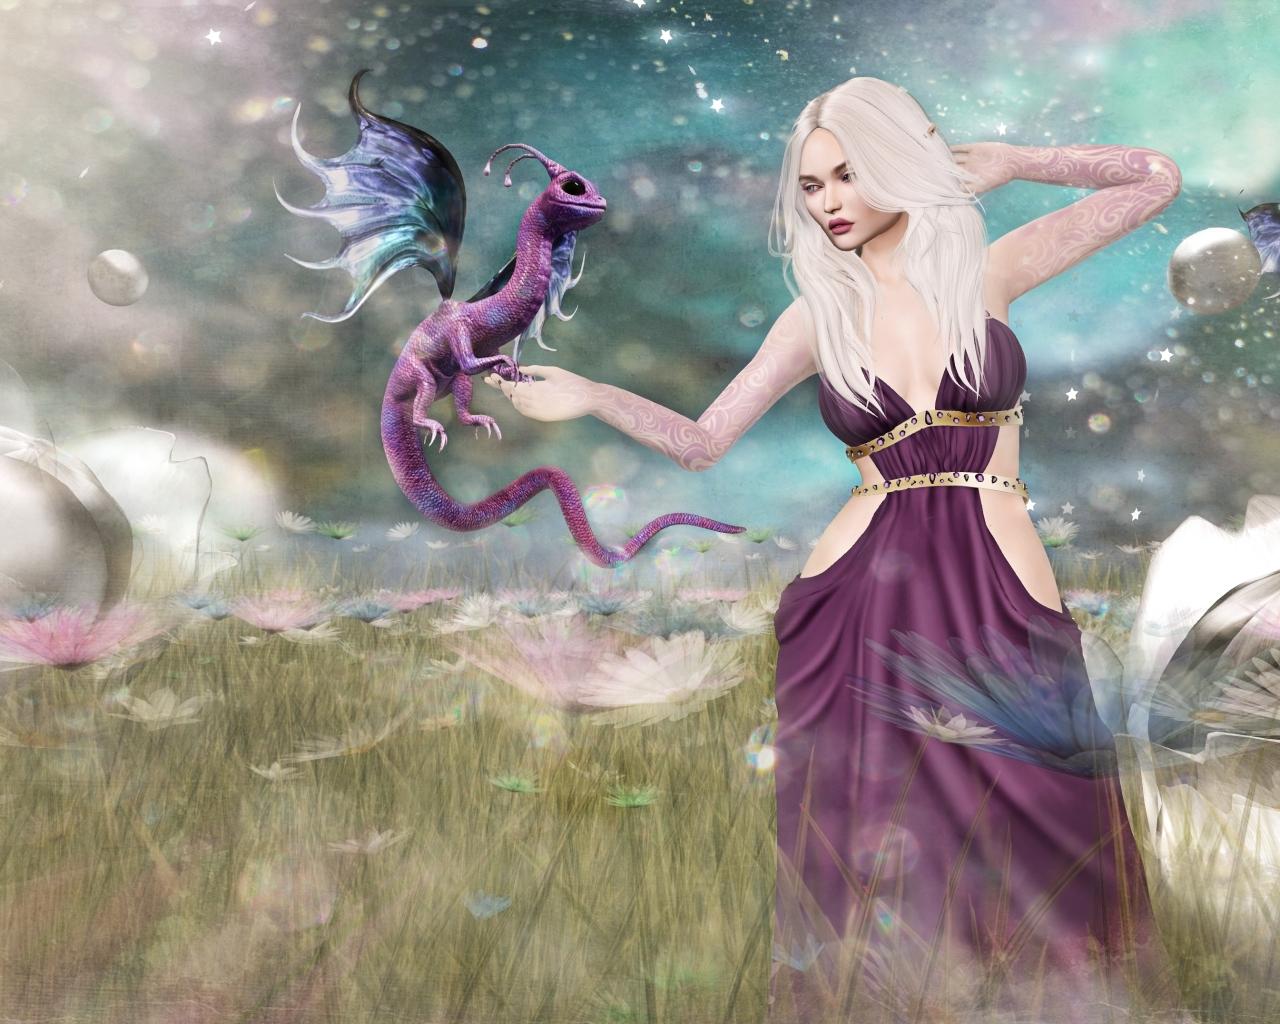 Juego de Tronos Fantasy - 1280x1024